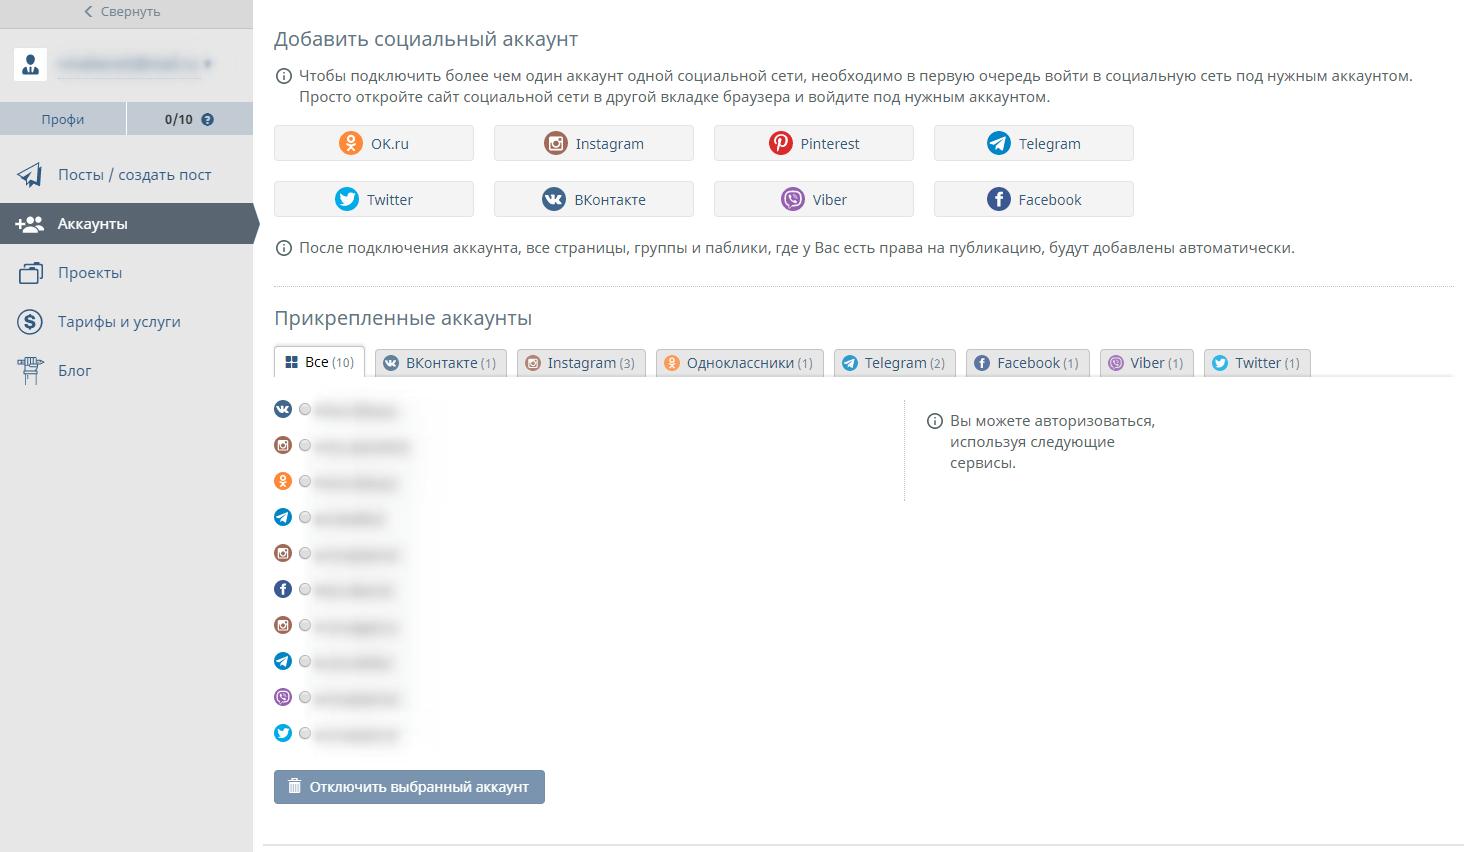 планировщик постов в инстаграм, планировщик постов бесплатно, планировщик постов в инстаграм на русском